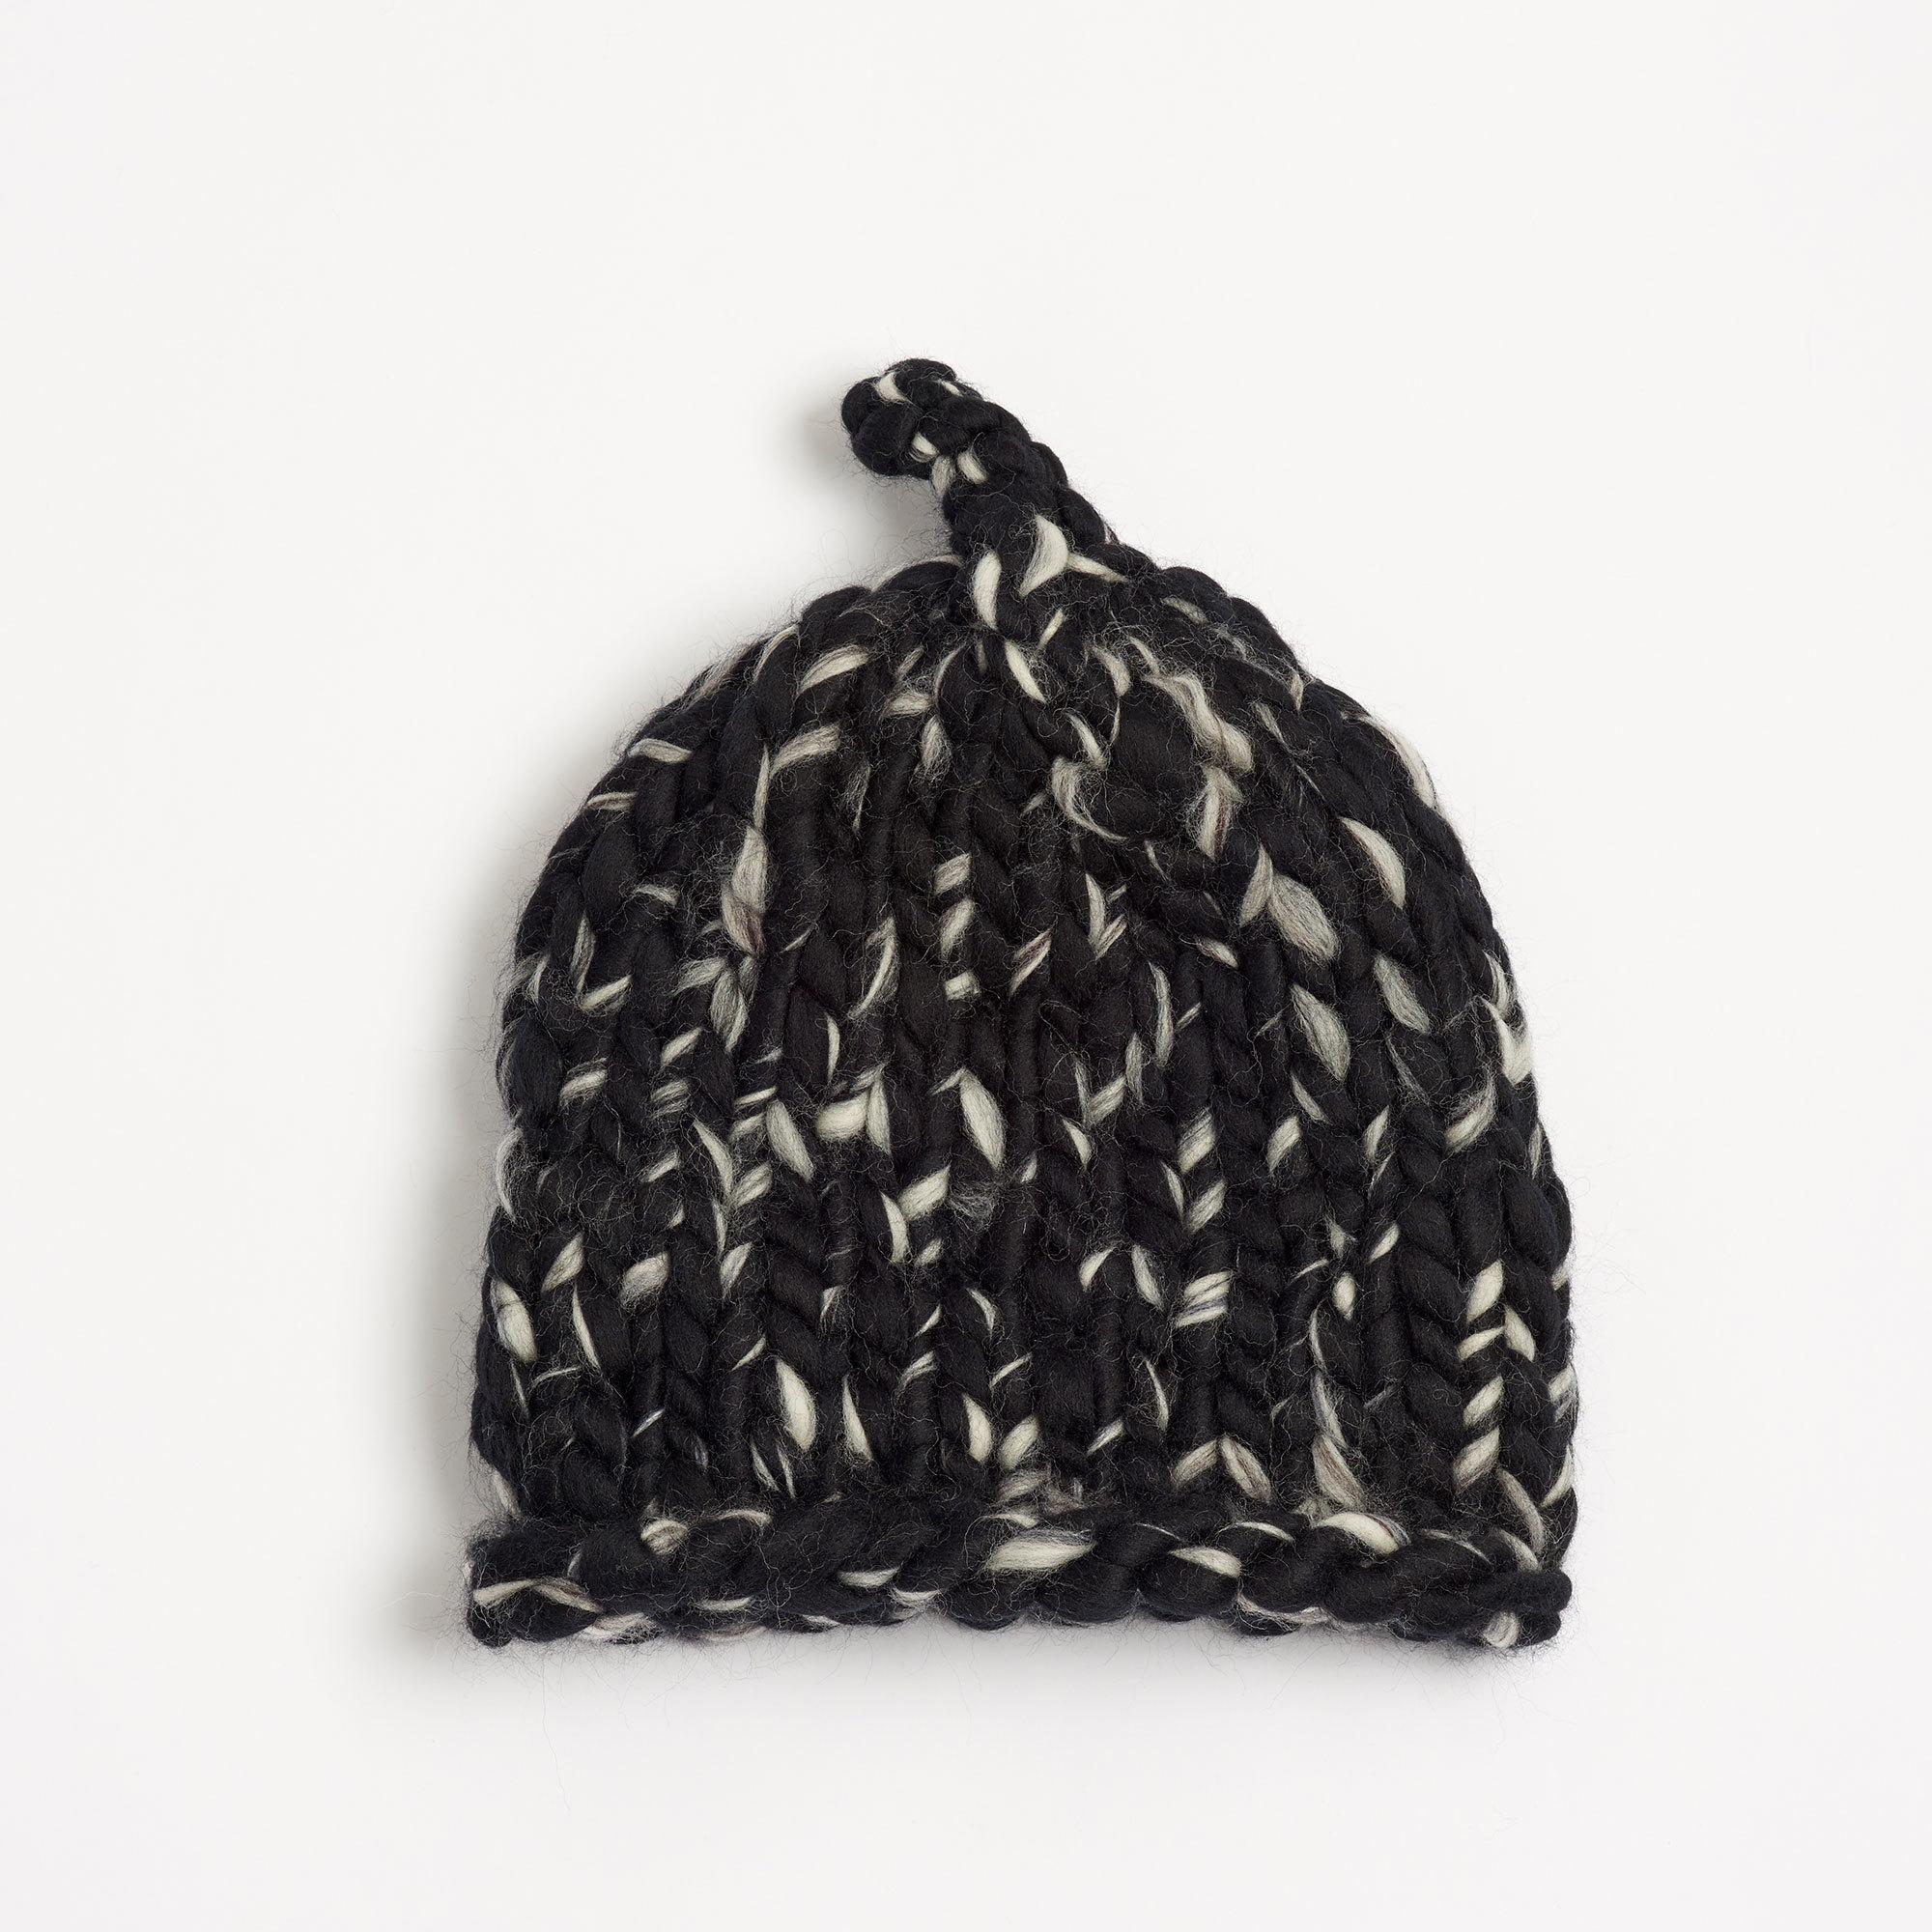 Men S Beanie Black And White Hand Crocheted Merino Wool The Garnered